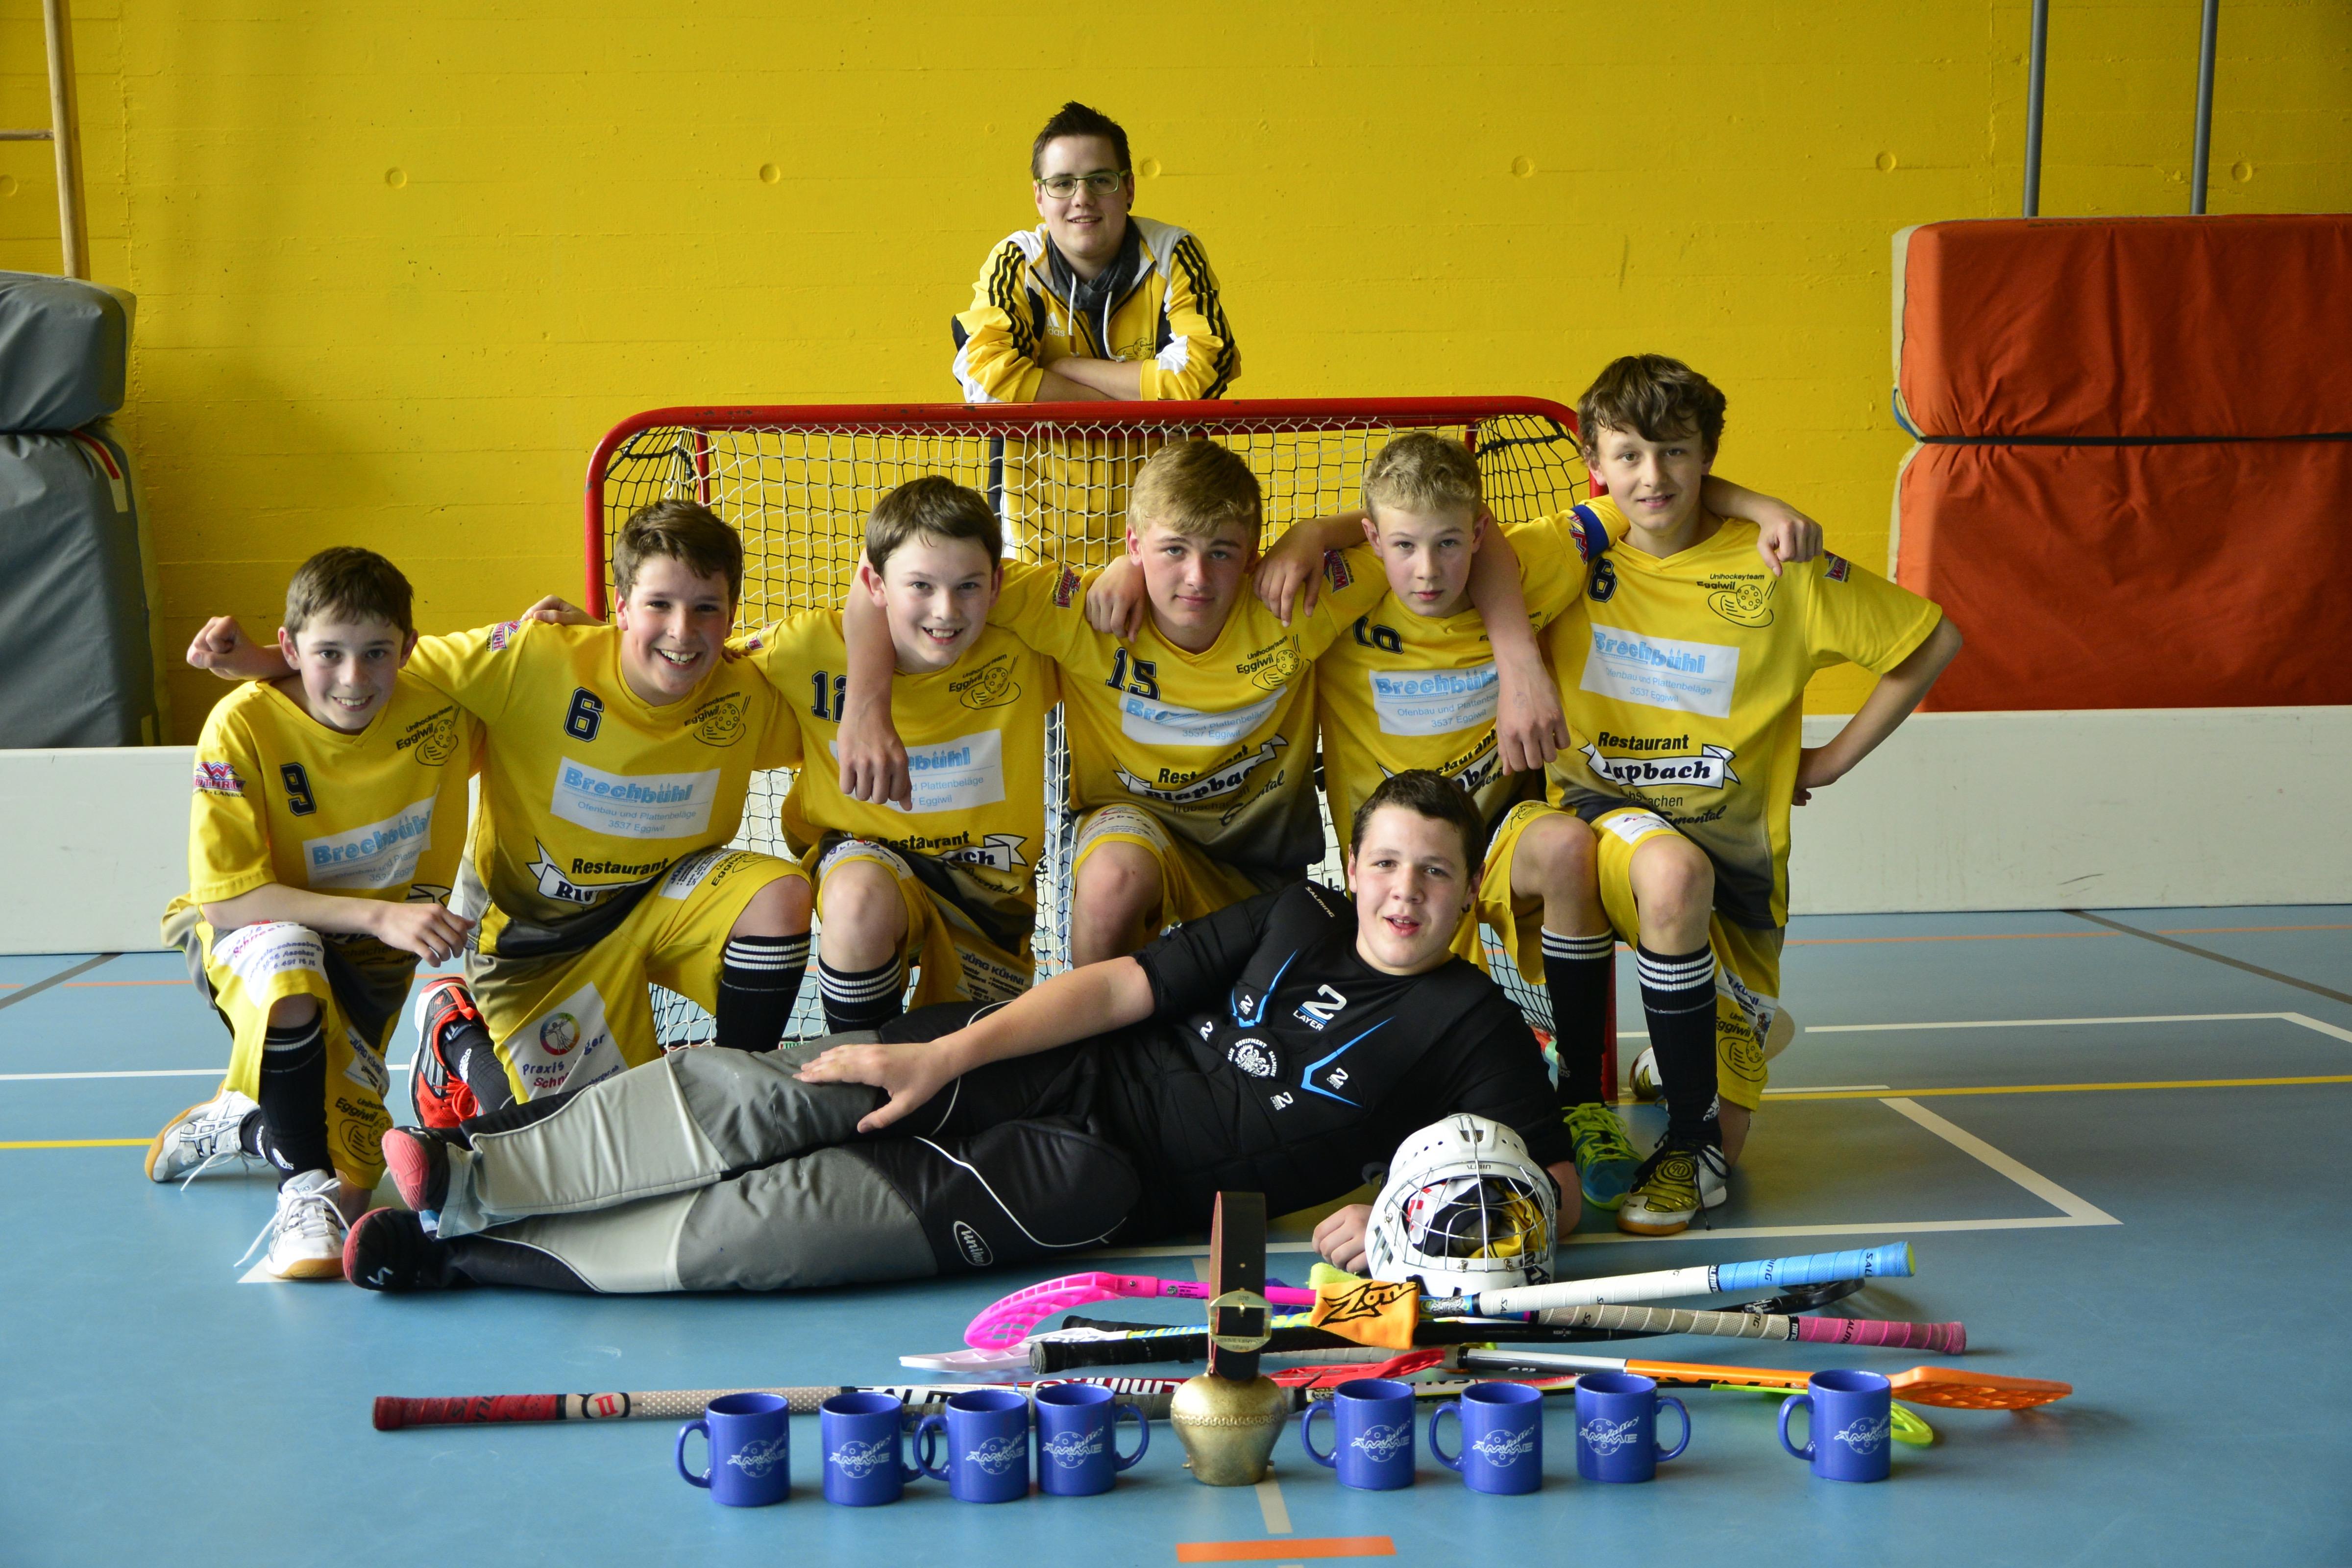 Junioren C - Ämme-Valley Cup 2015